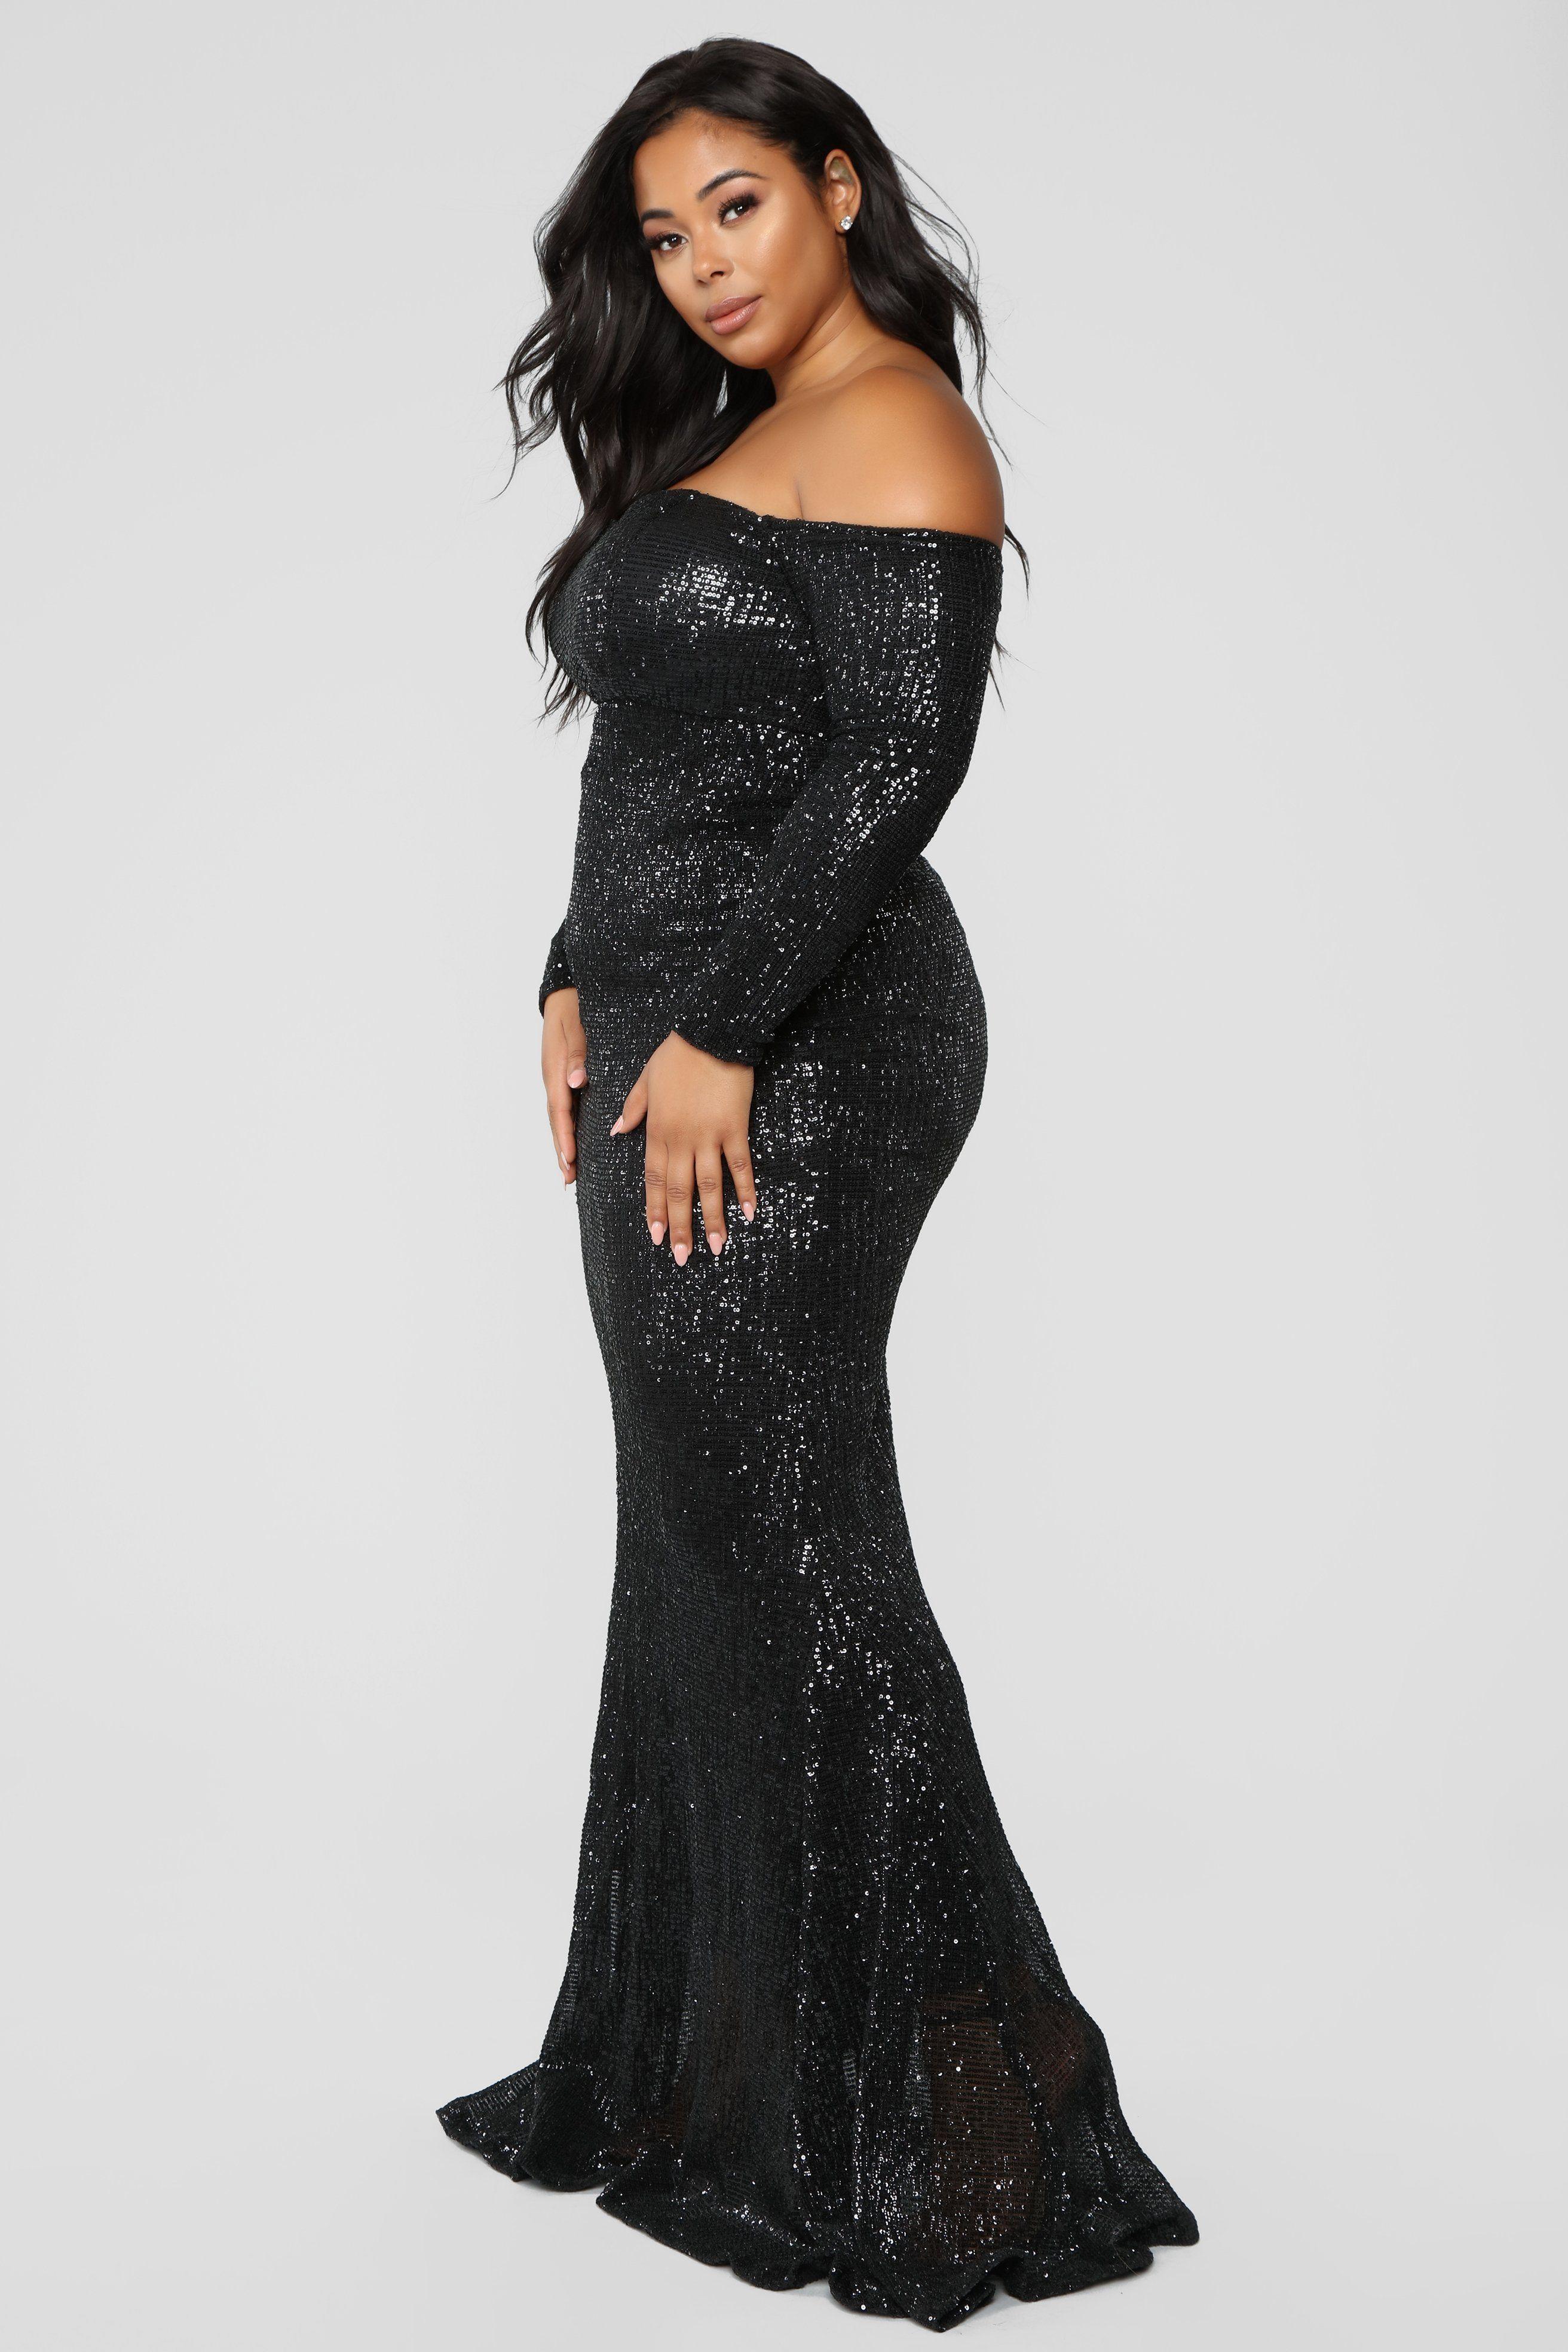 Got Class Sequin Dress Black Black sequin dress, Cheap